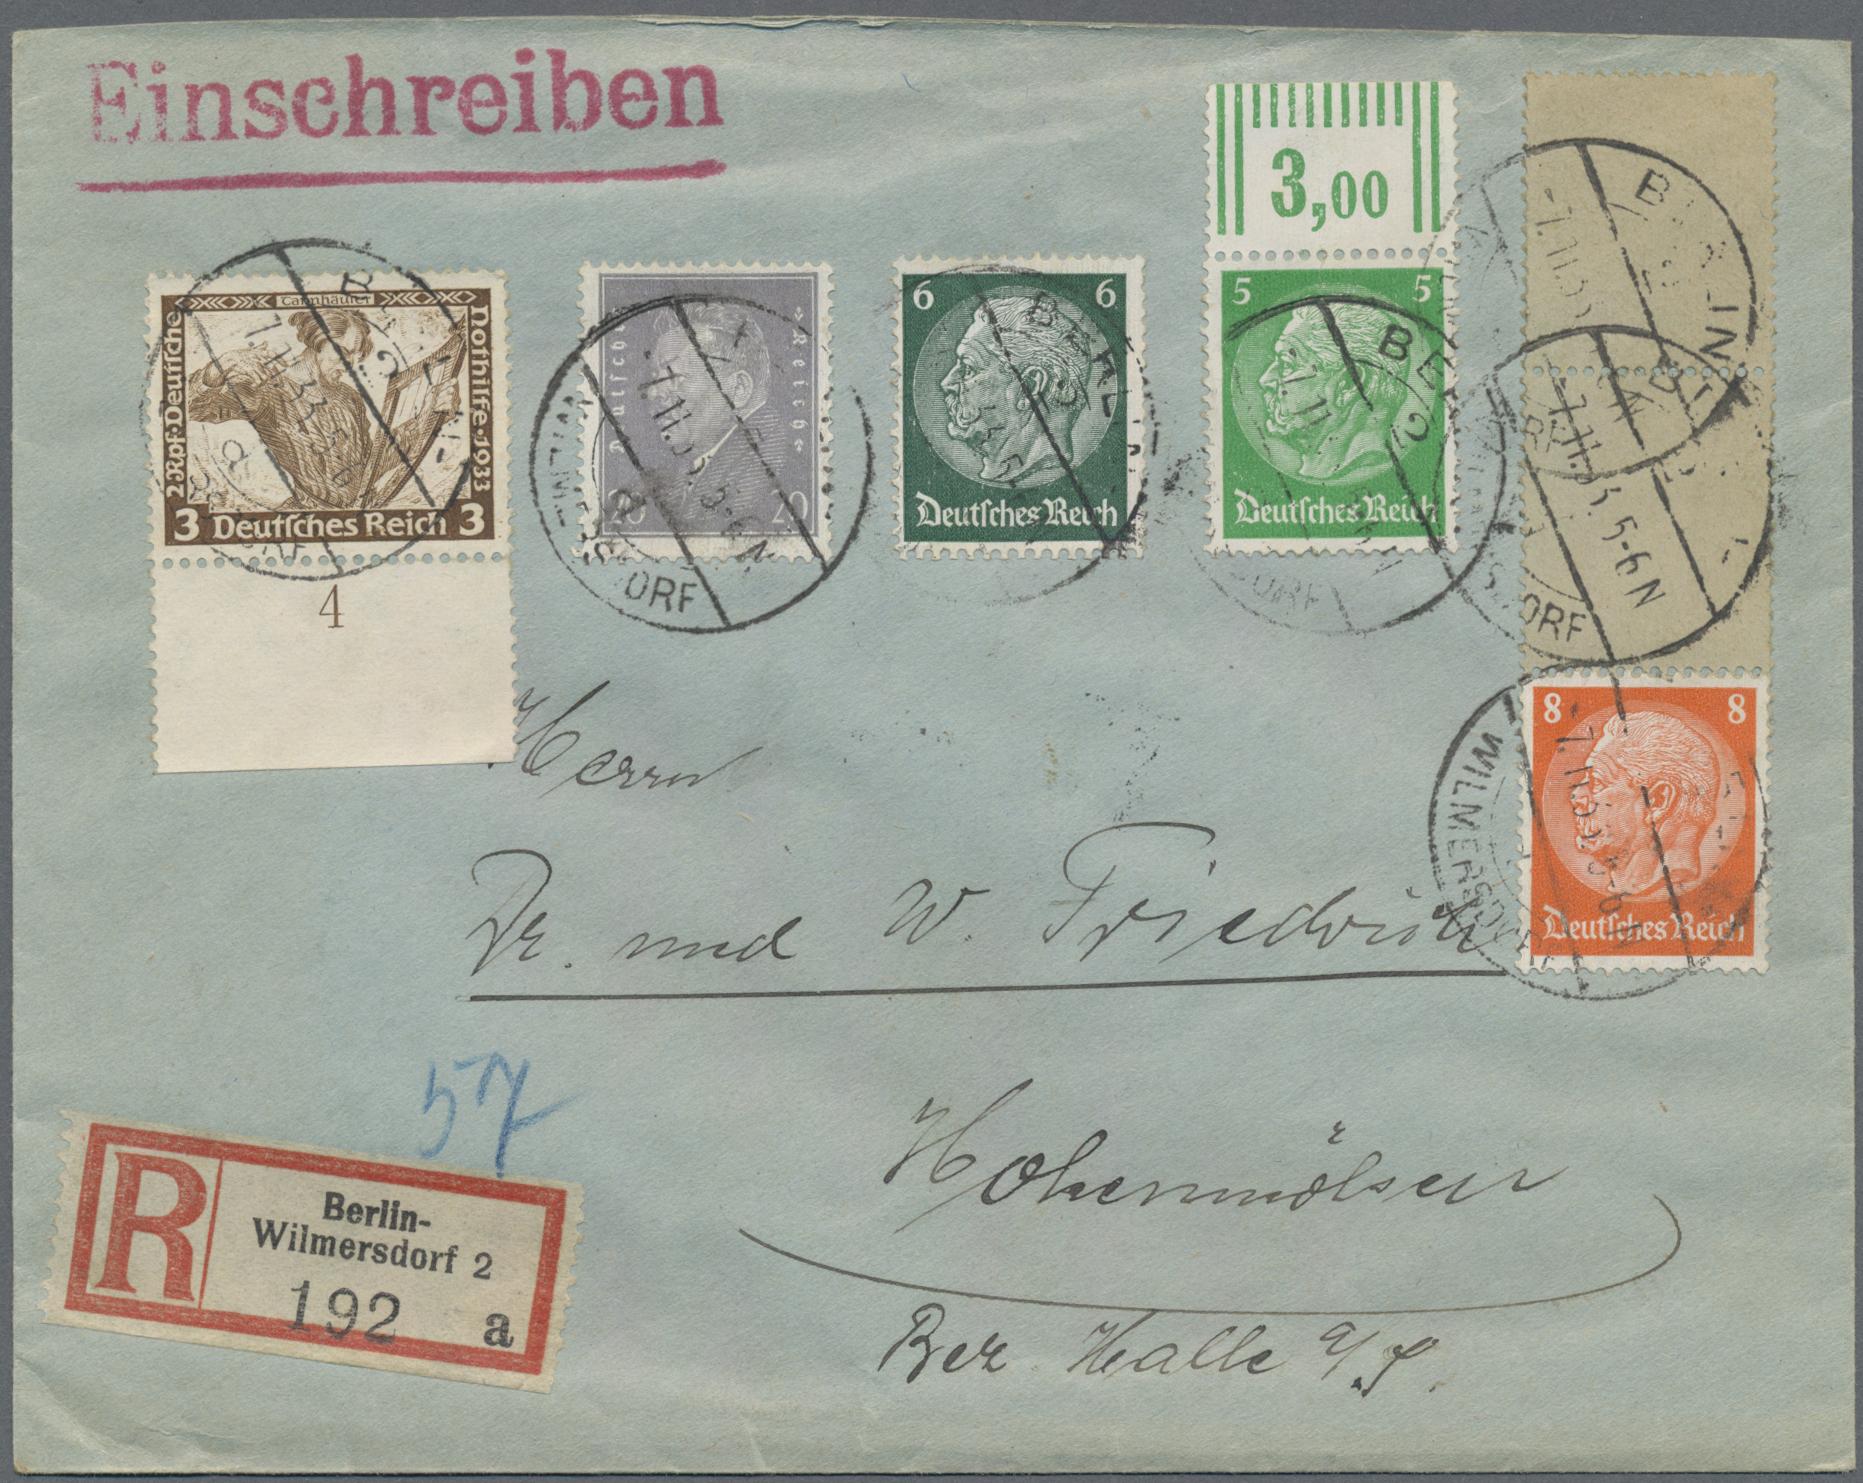 Lot 36785 - Deutsches Reich - Rollenmarken  -  Auktionshaus Christoph Gärtner GmbH & Co. KG Sale #44 Collections Germany